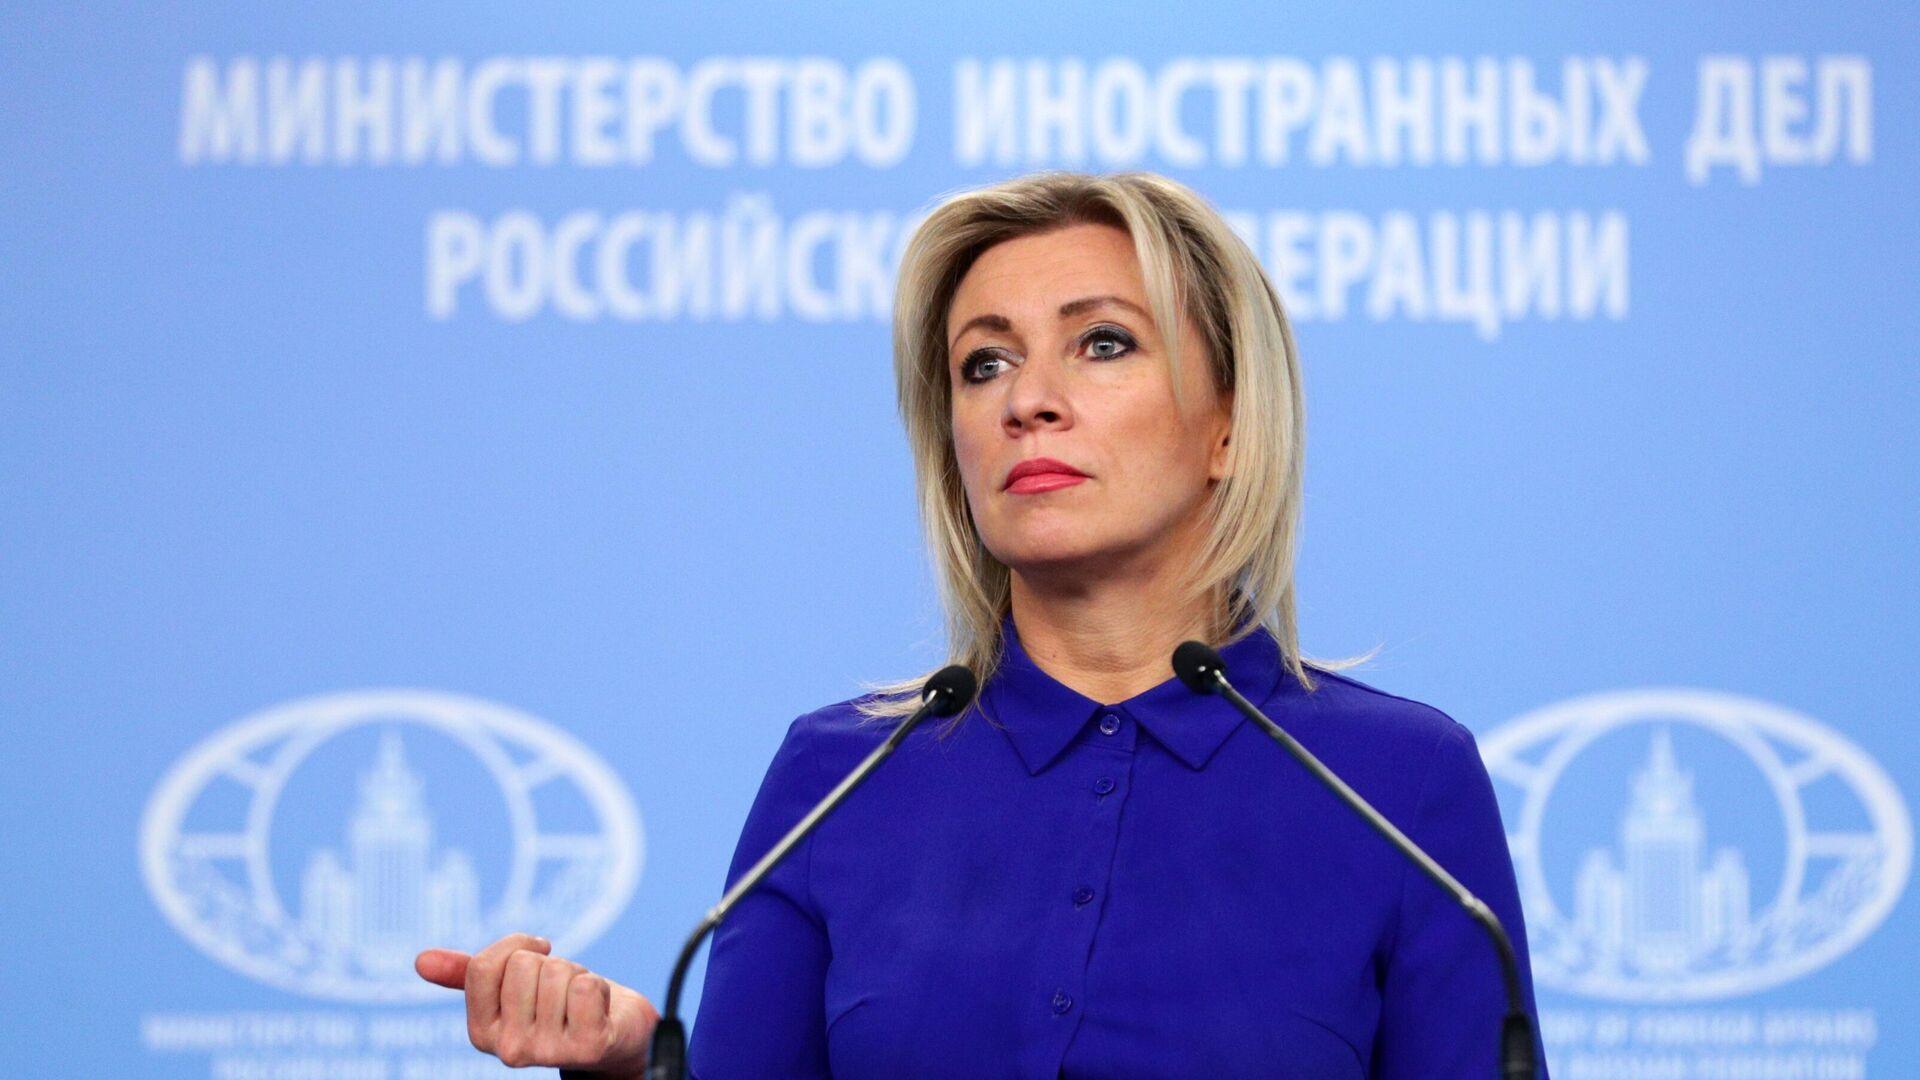 Официальный представитель Министерства иностранных дел РФ Мария Захарова во время брифинга в Москве - РИА Новости, 1920, 07.02.2021